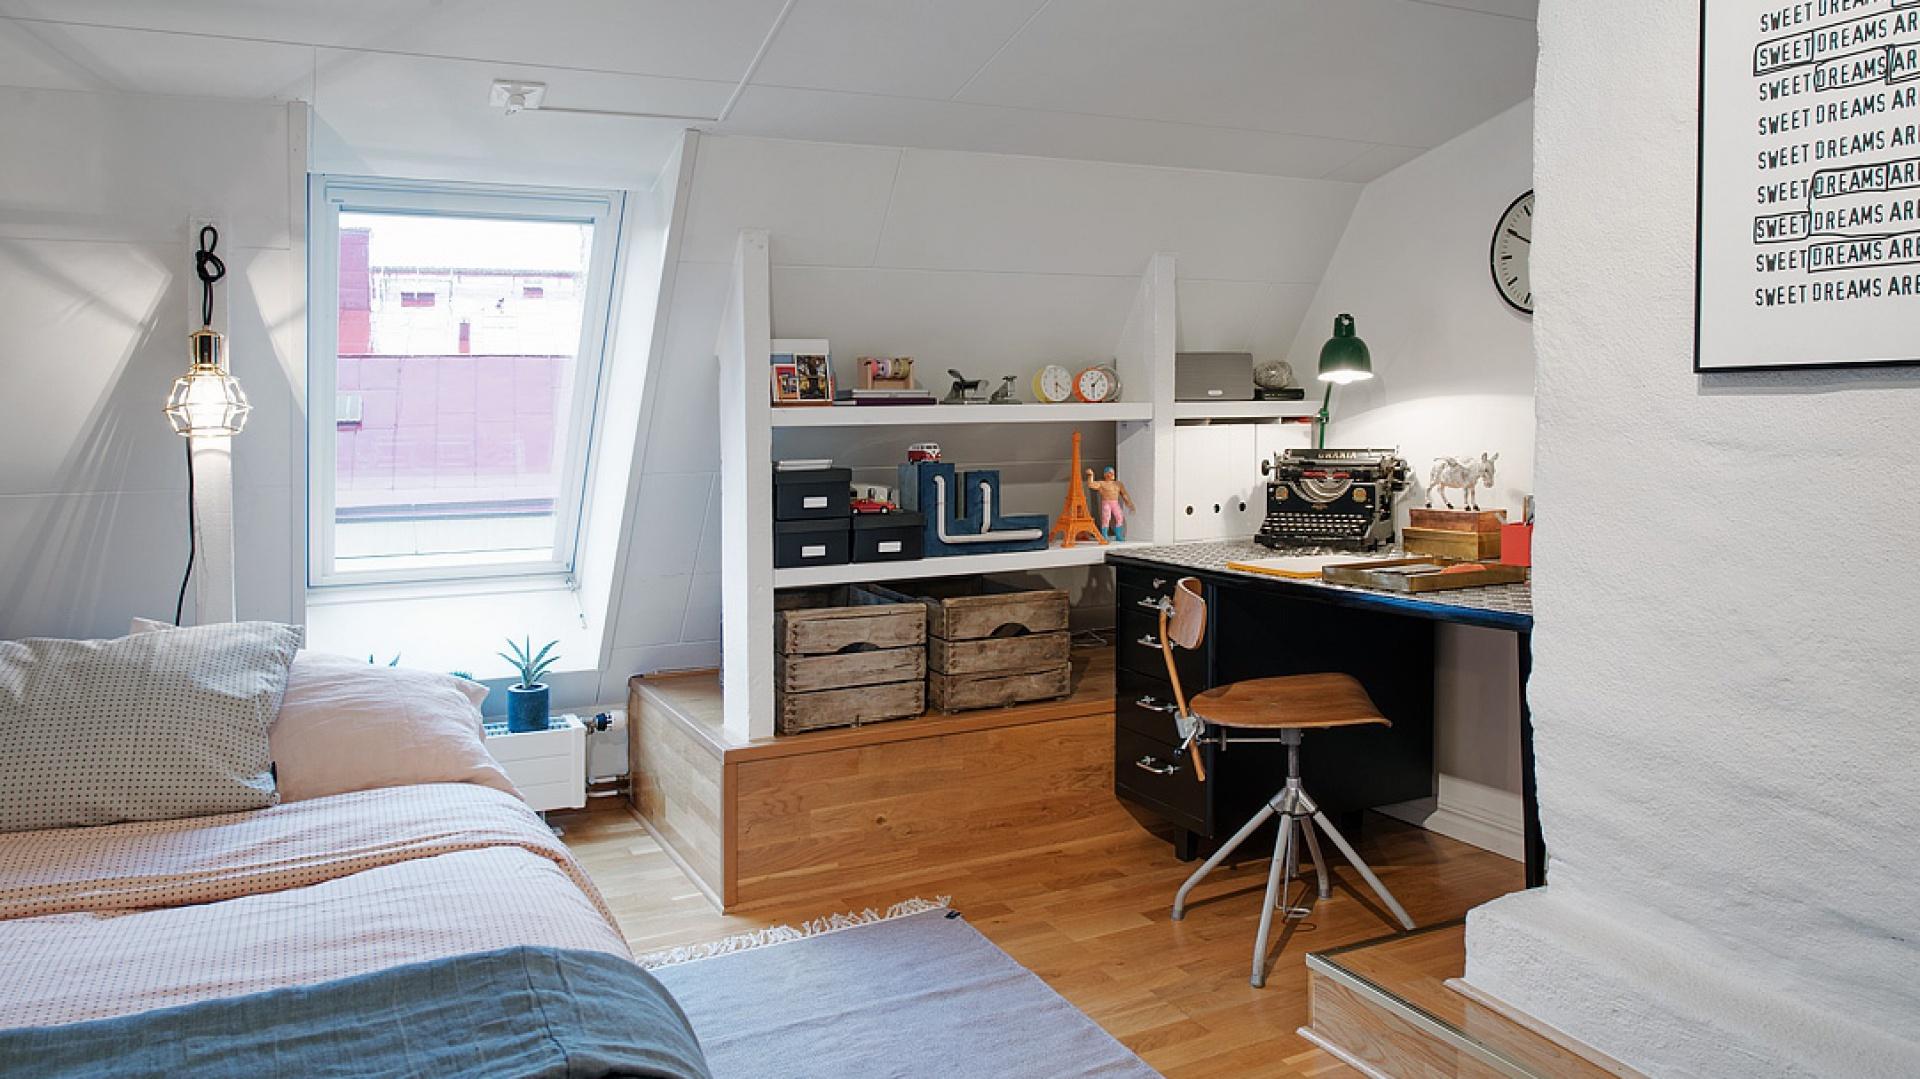 Przestrzeń pod skosami w pomieszczeniu zagospodarowano na praktyczne półki do przechowywania drobiazgów. W miejscu najbliżej podłogi, z uwagi na większą ilość przestrzeni, można przechowywać większe przedmioty, np. stare urokliwe kufry. Fot. Alvhem Makleri.